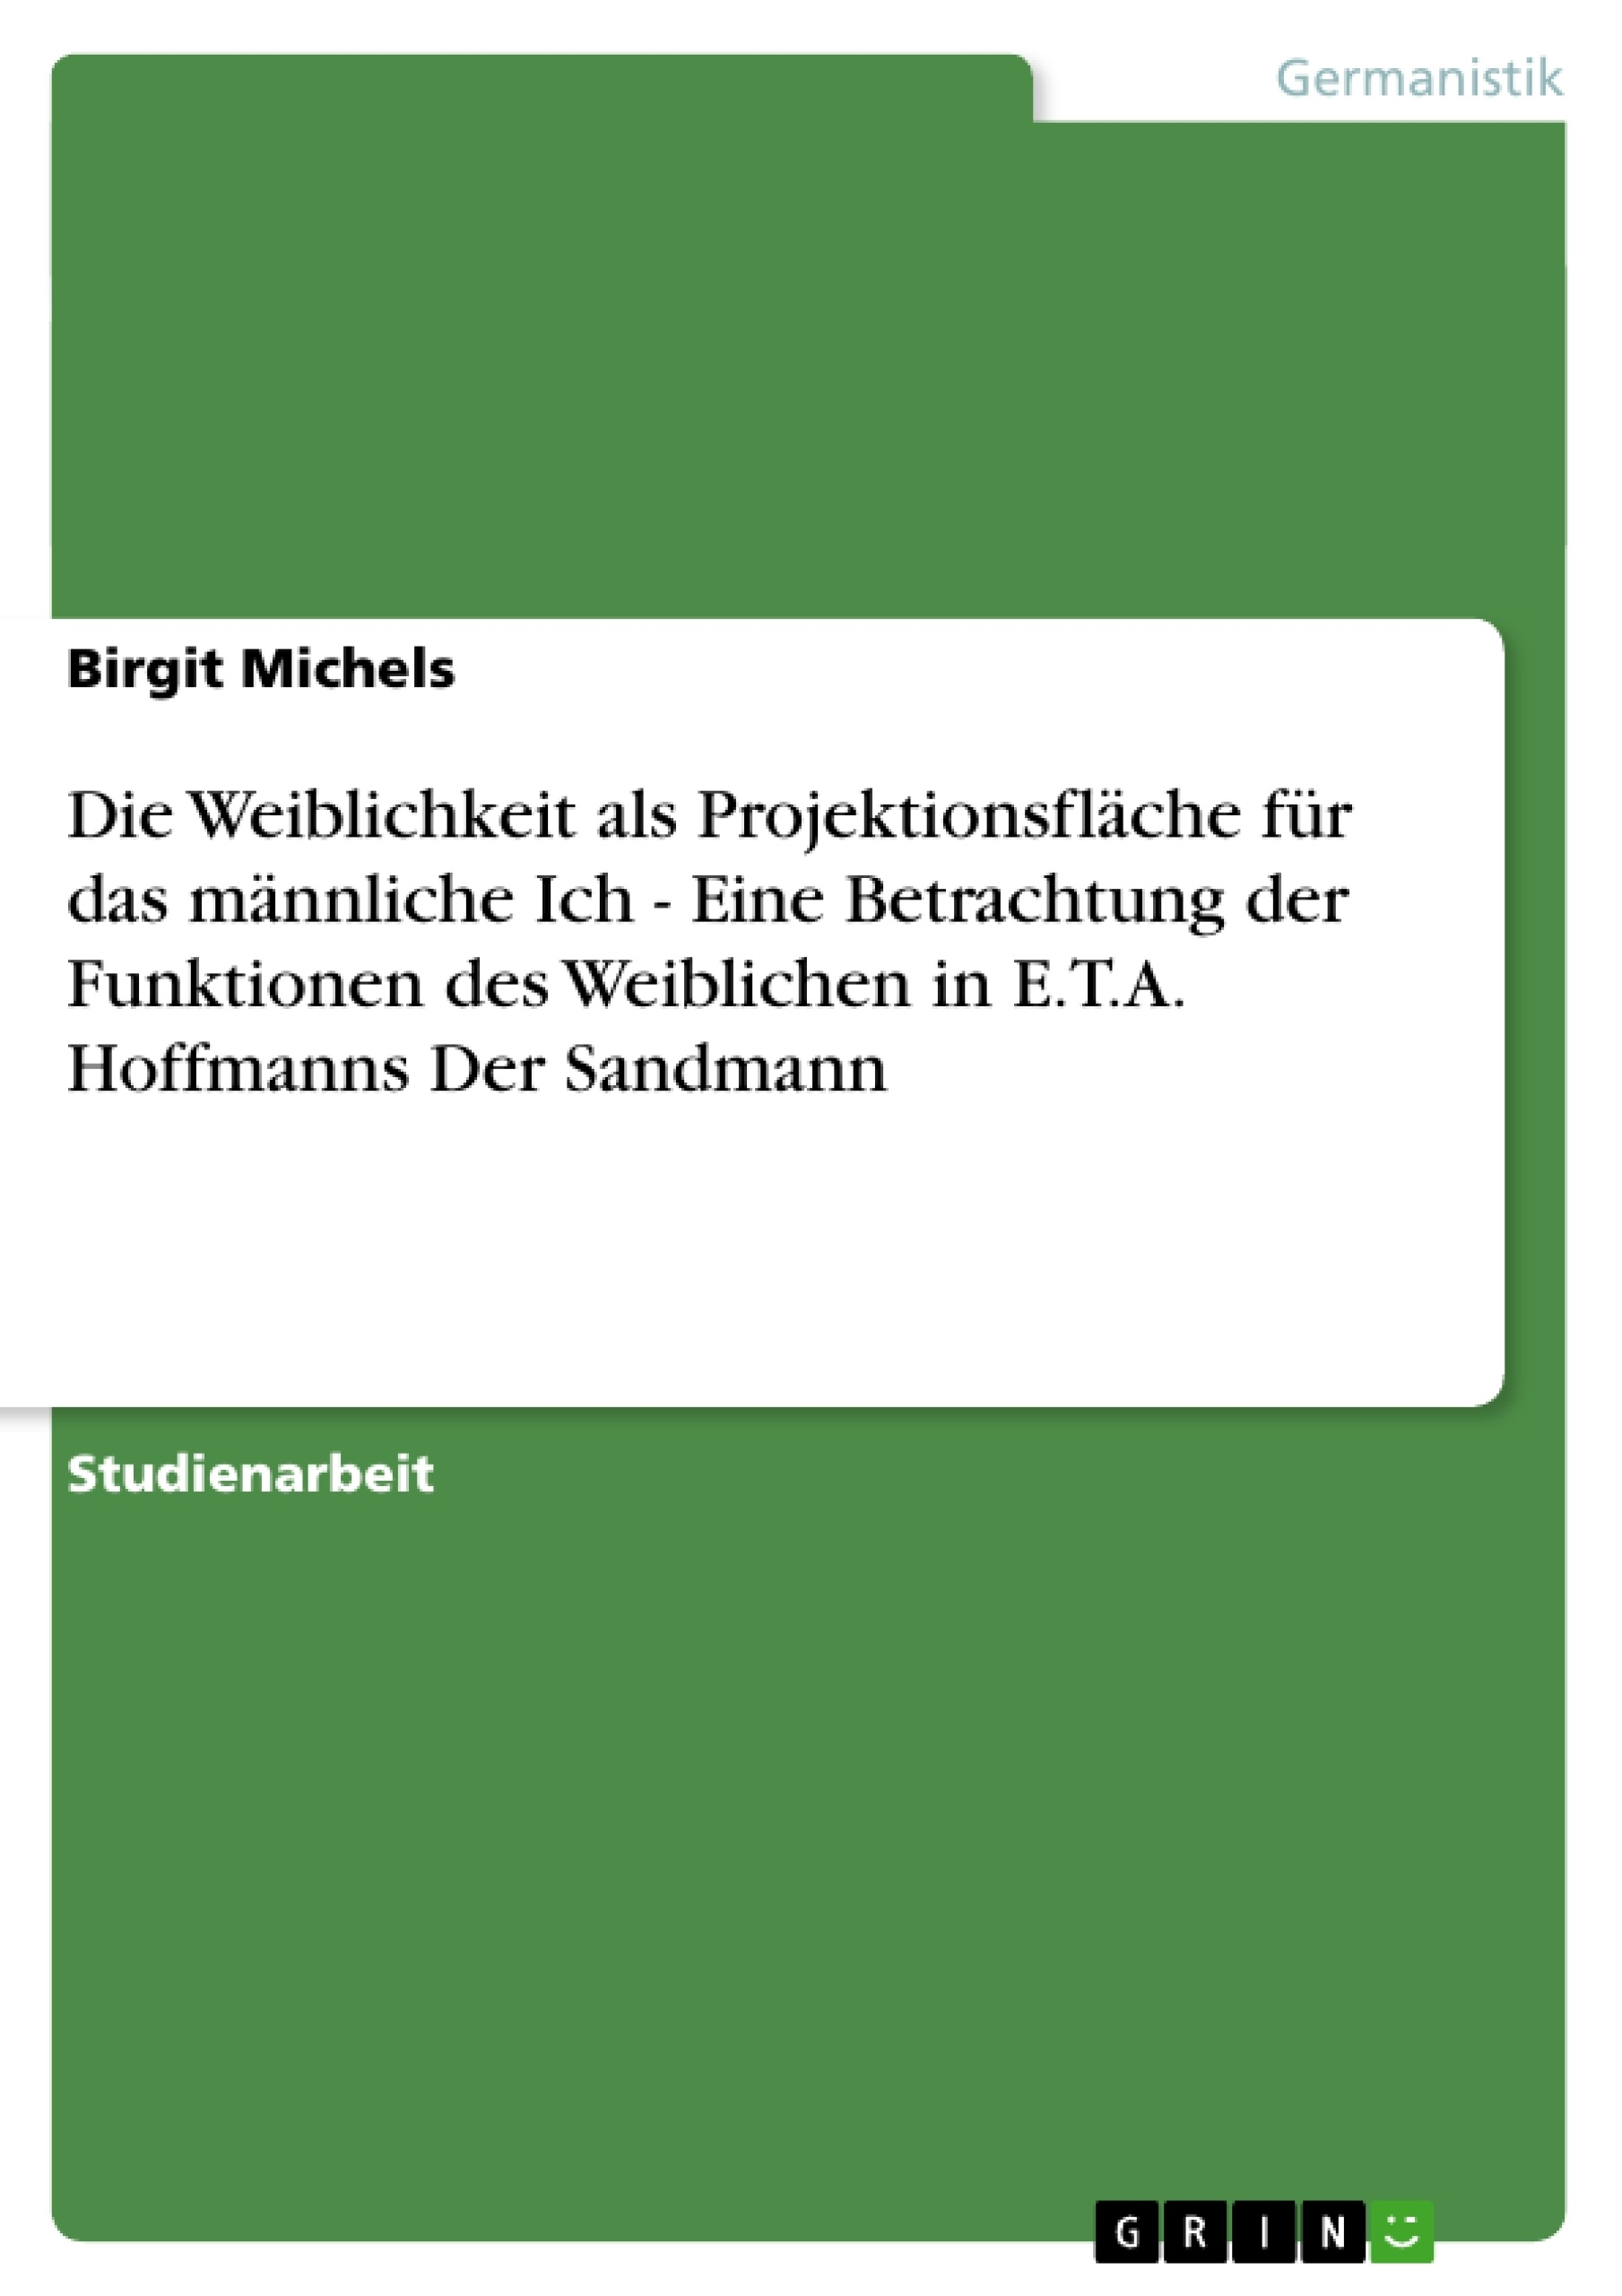 Titel: Die Weiblichkeit als Projektionsfläche für das männliche Ich - Eine Betrachtung der Funktionen des Weiblichen in E.T.A. Hoffmanns Der Sandmann